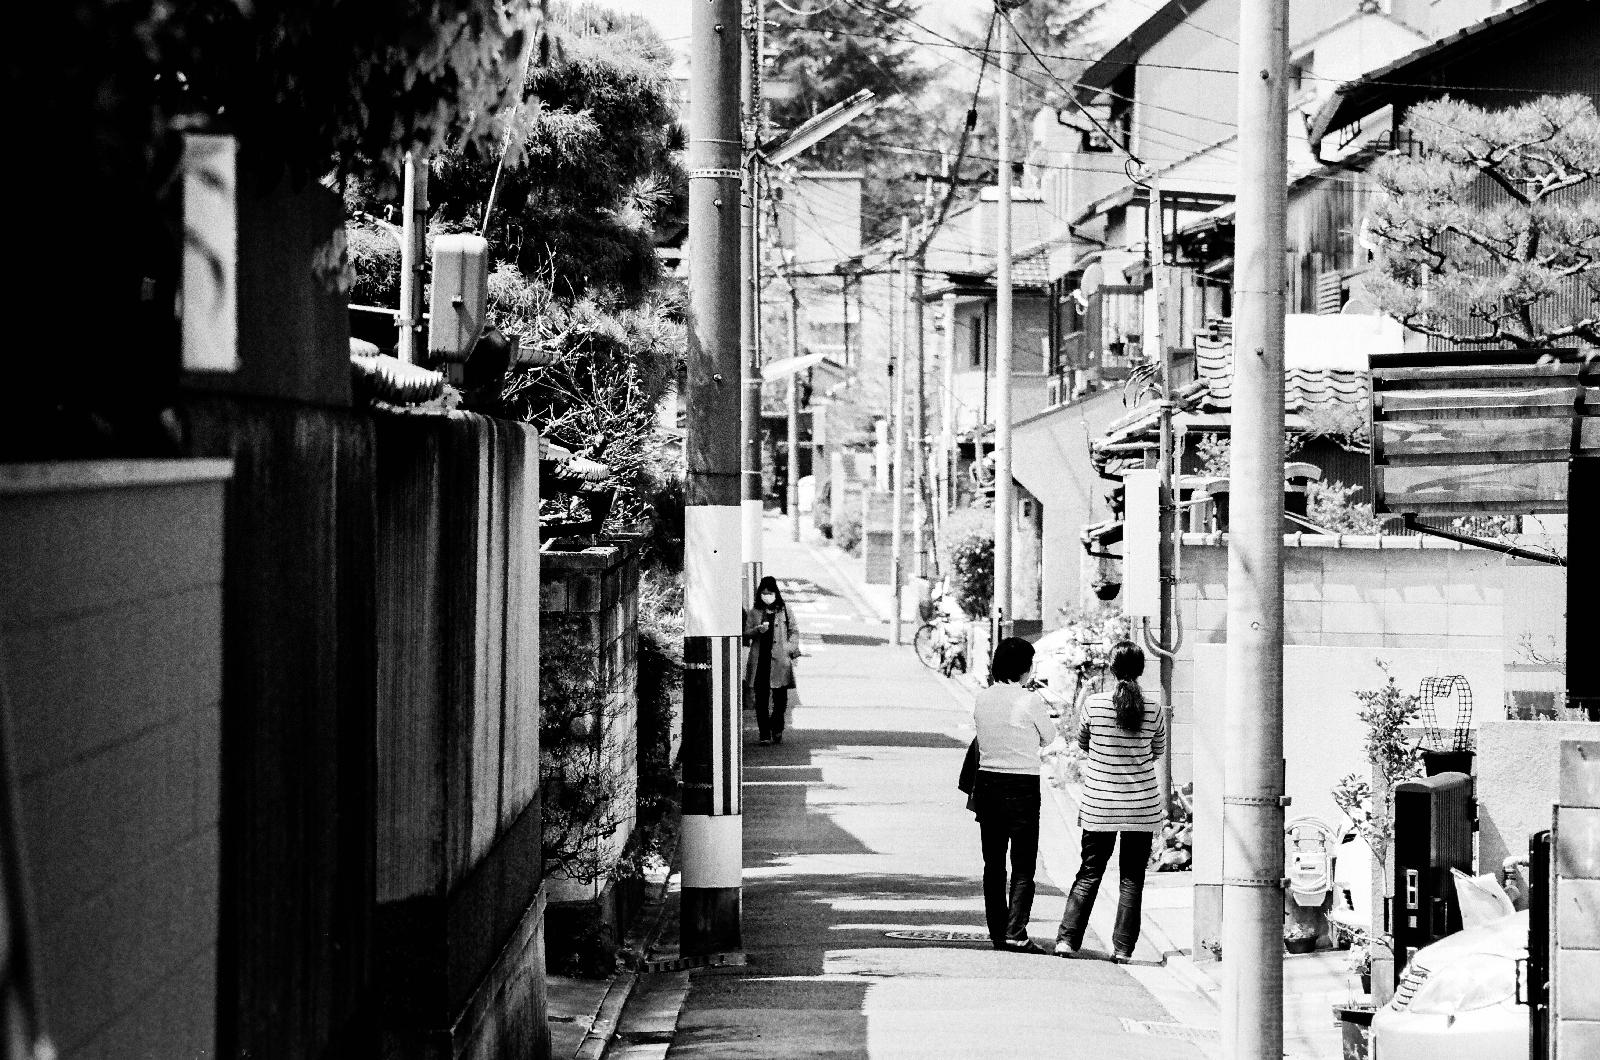 「當地的生活風景」京都 | 黑白 | 攝影集